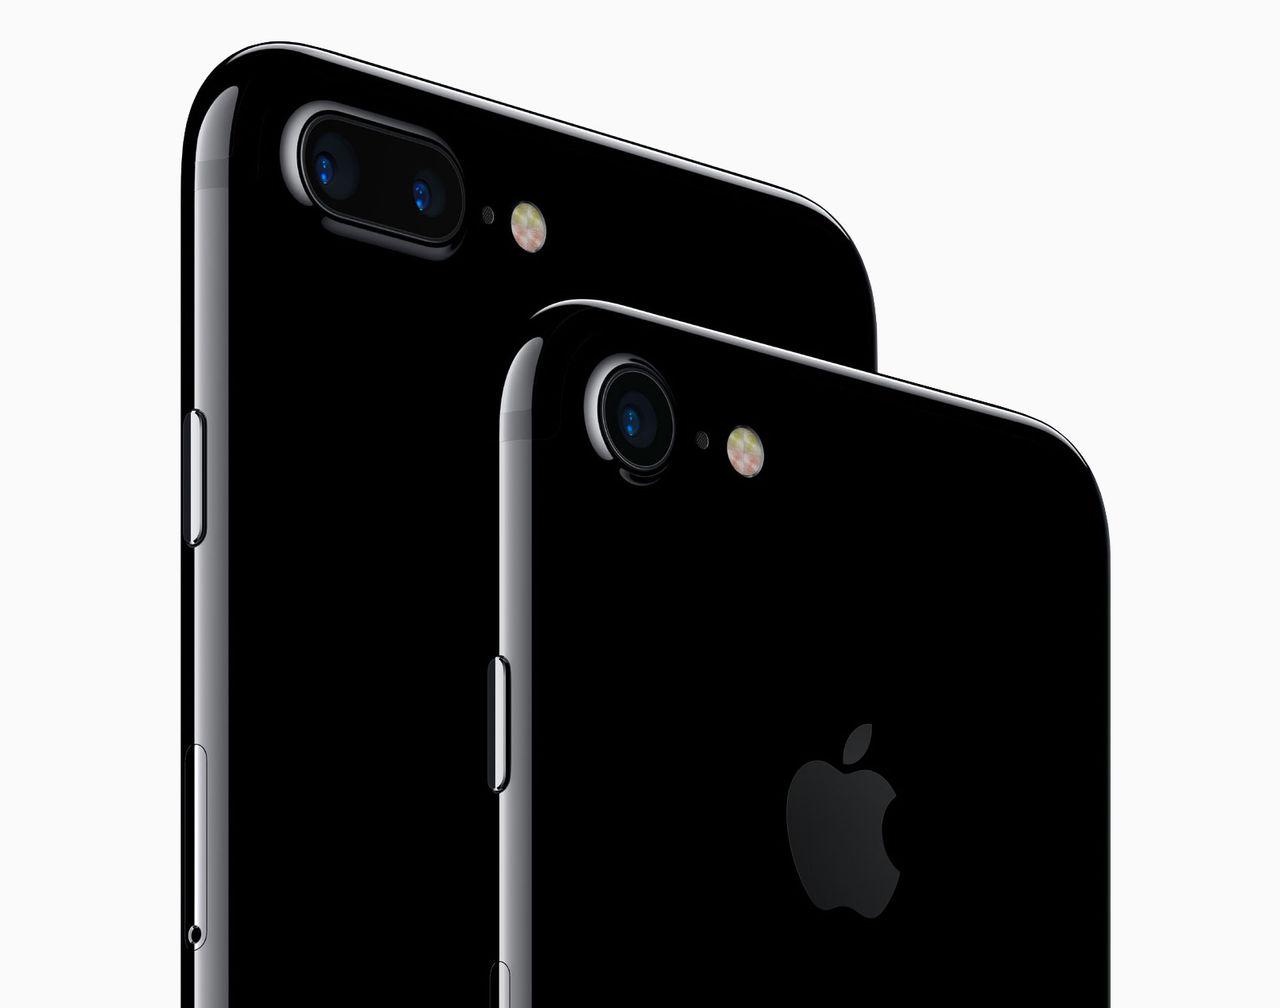 Kommer nästa iPhone att få ansiktsigenkänning?